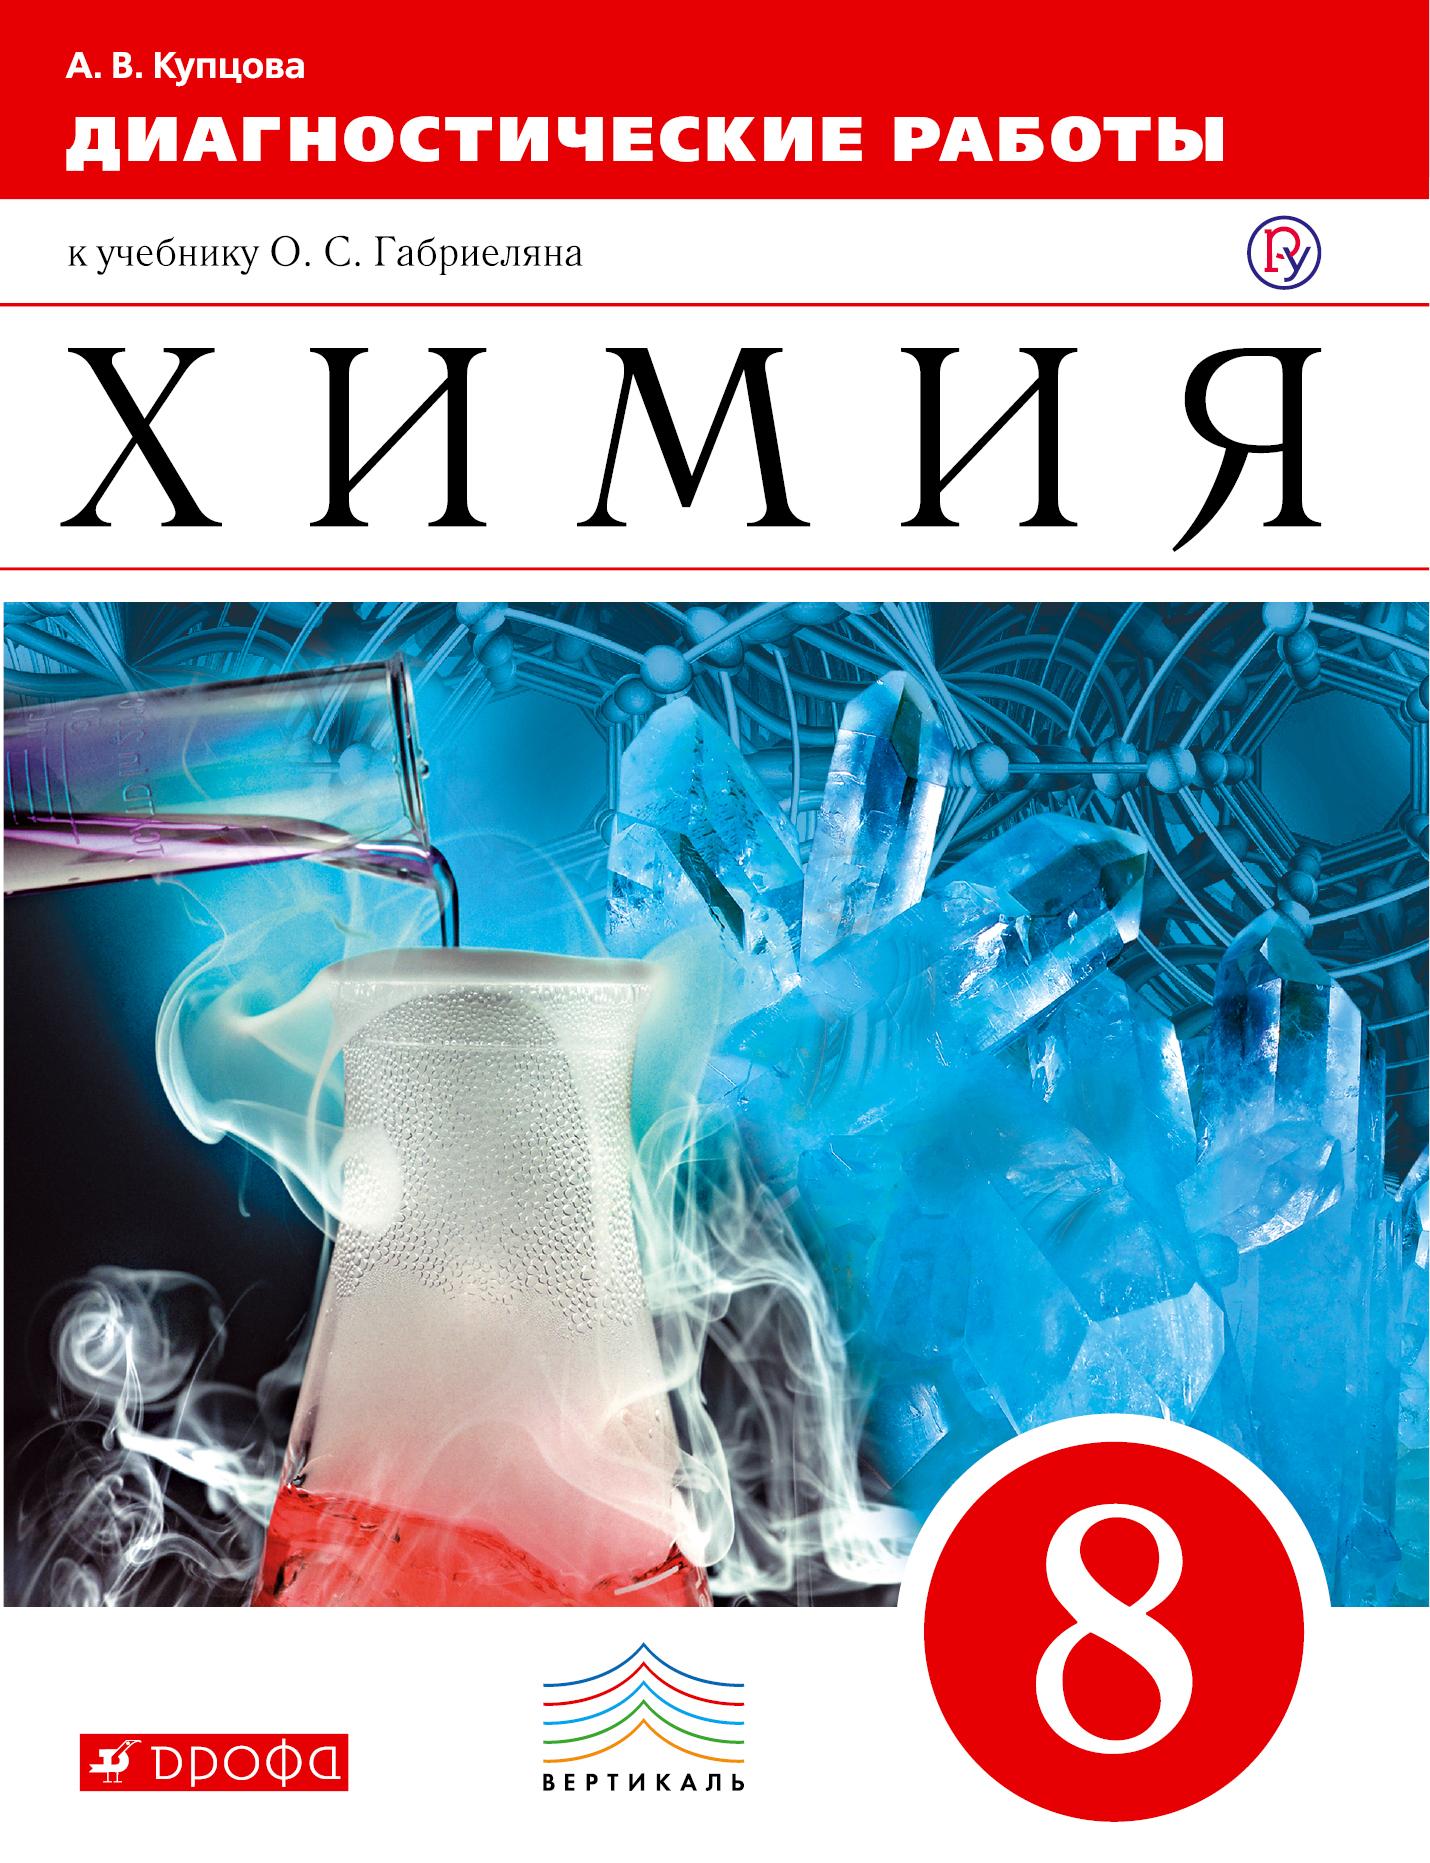 Химия. 8 класс. Диагностические работы ( Купцова Анна Викторовна  )